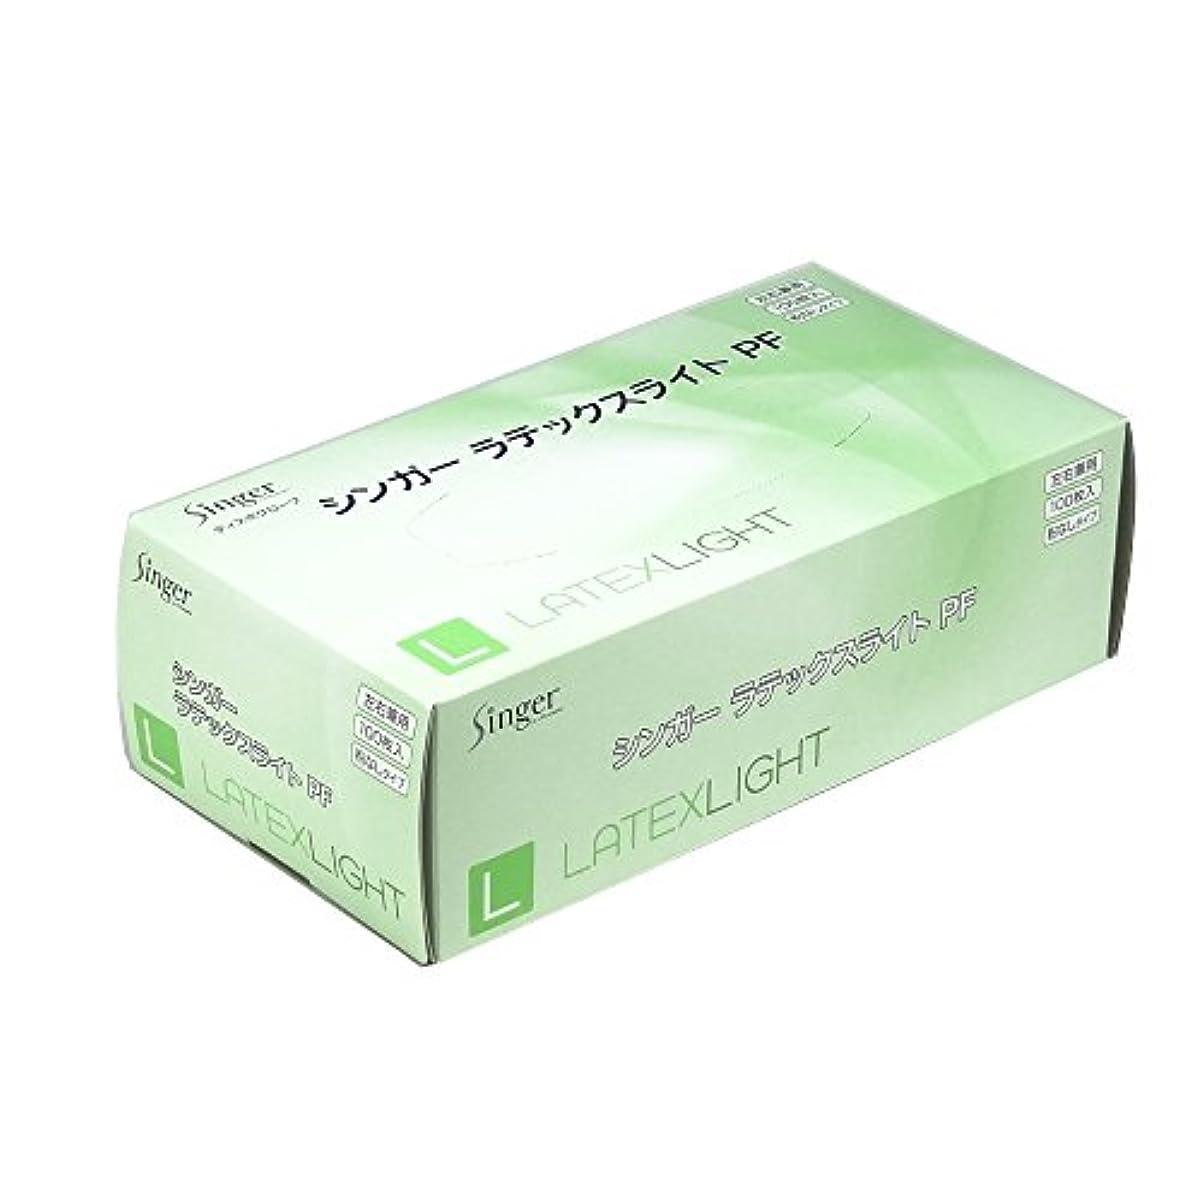 雄弁な急速なあなたは宇都宮製作 ディスポ手袋 シンガーラテックスライトPF ナチュラル 100枚入  L